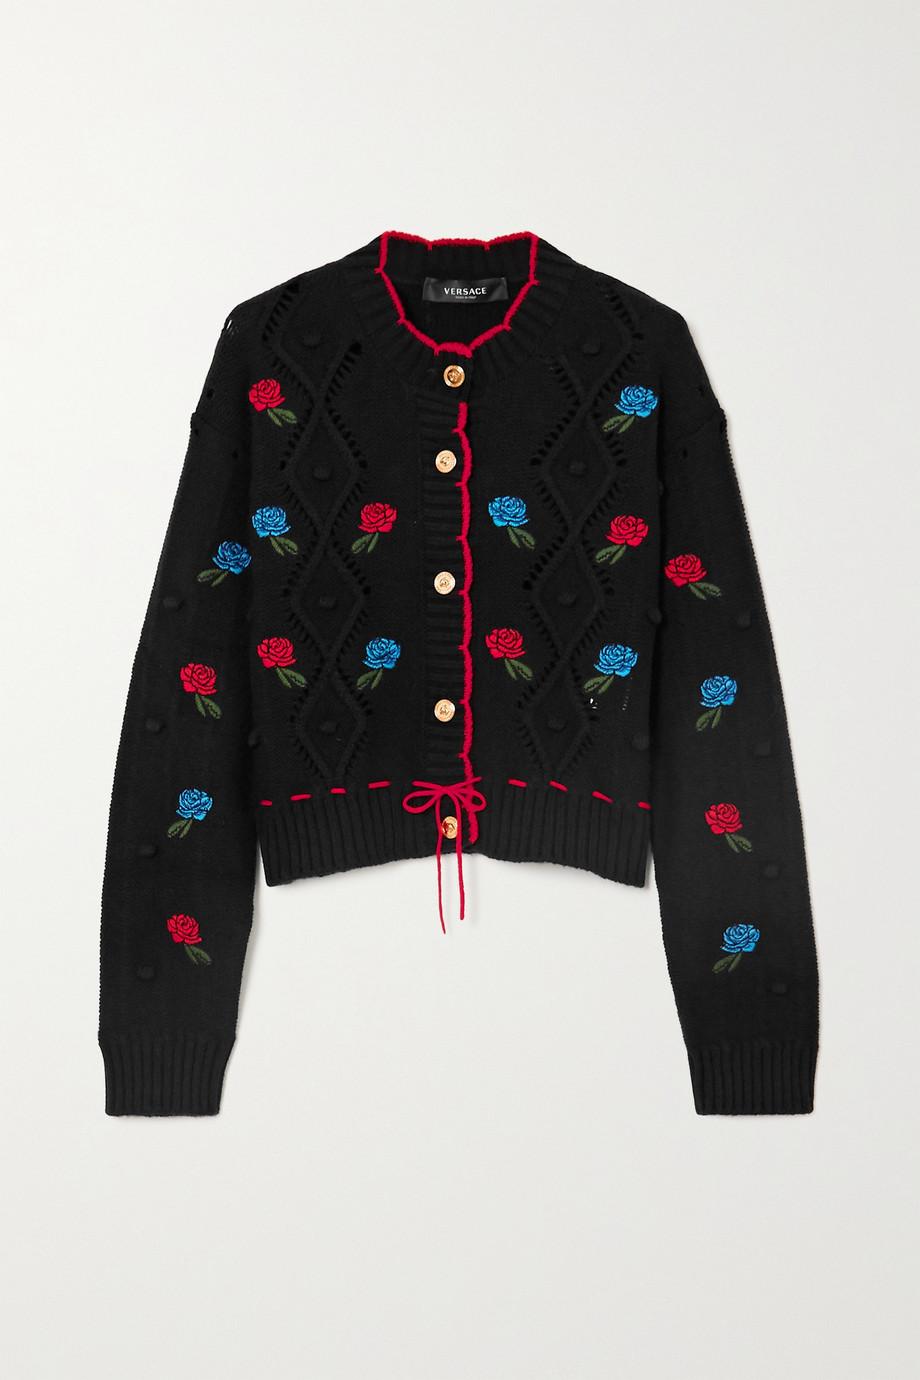 Versace Cardigan aus gehäkelter Wolle mit Stickereien